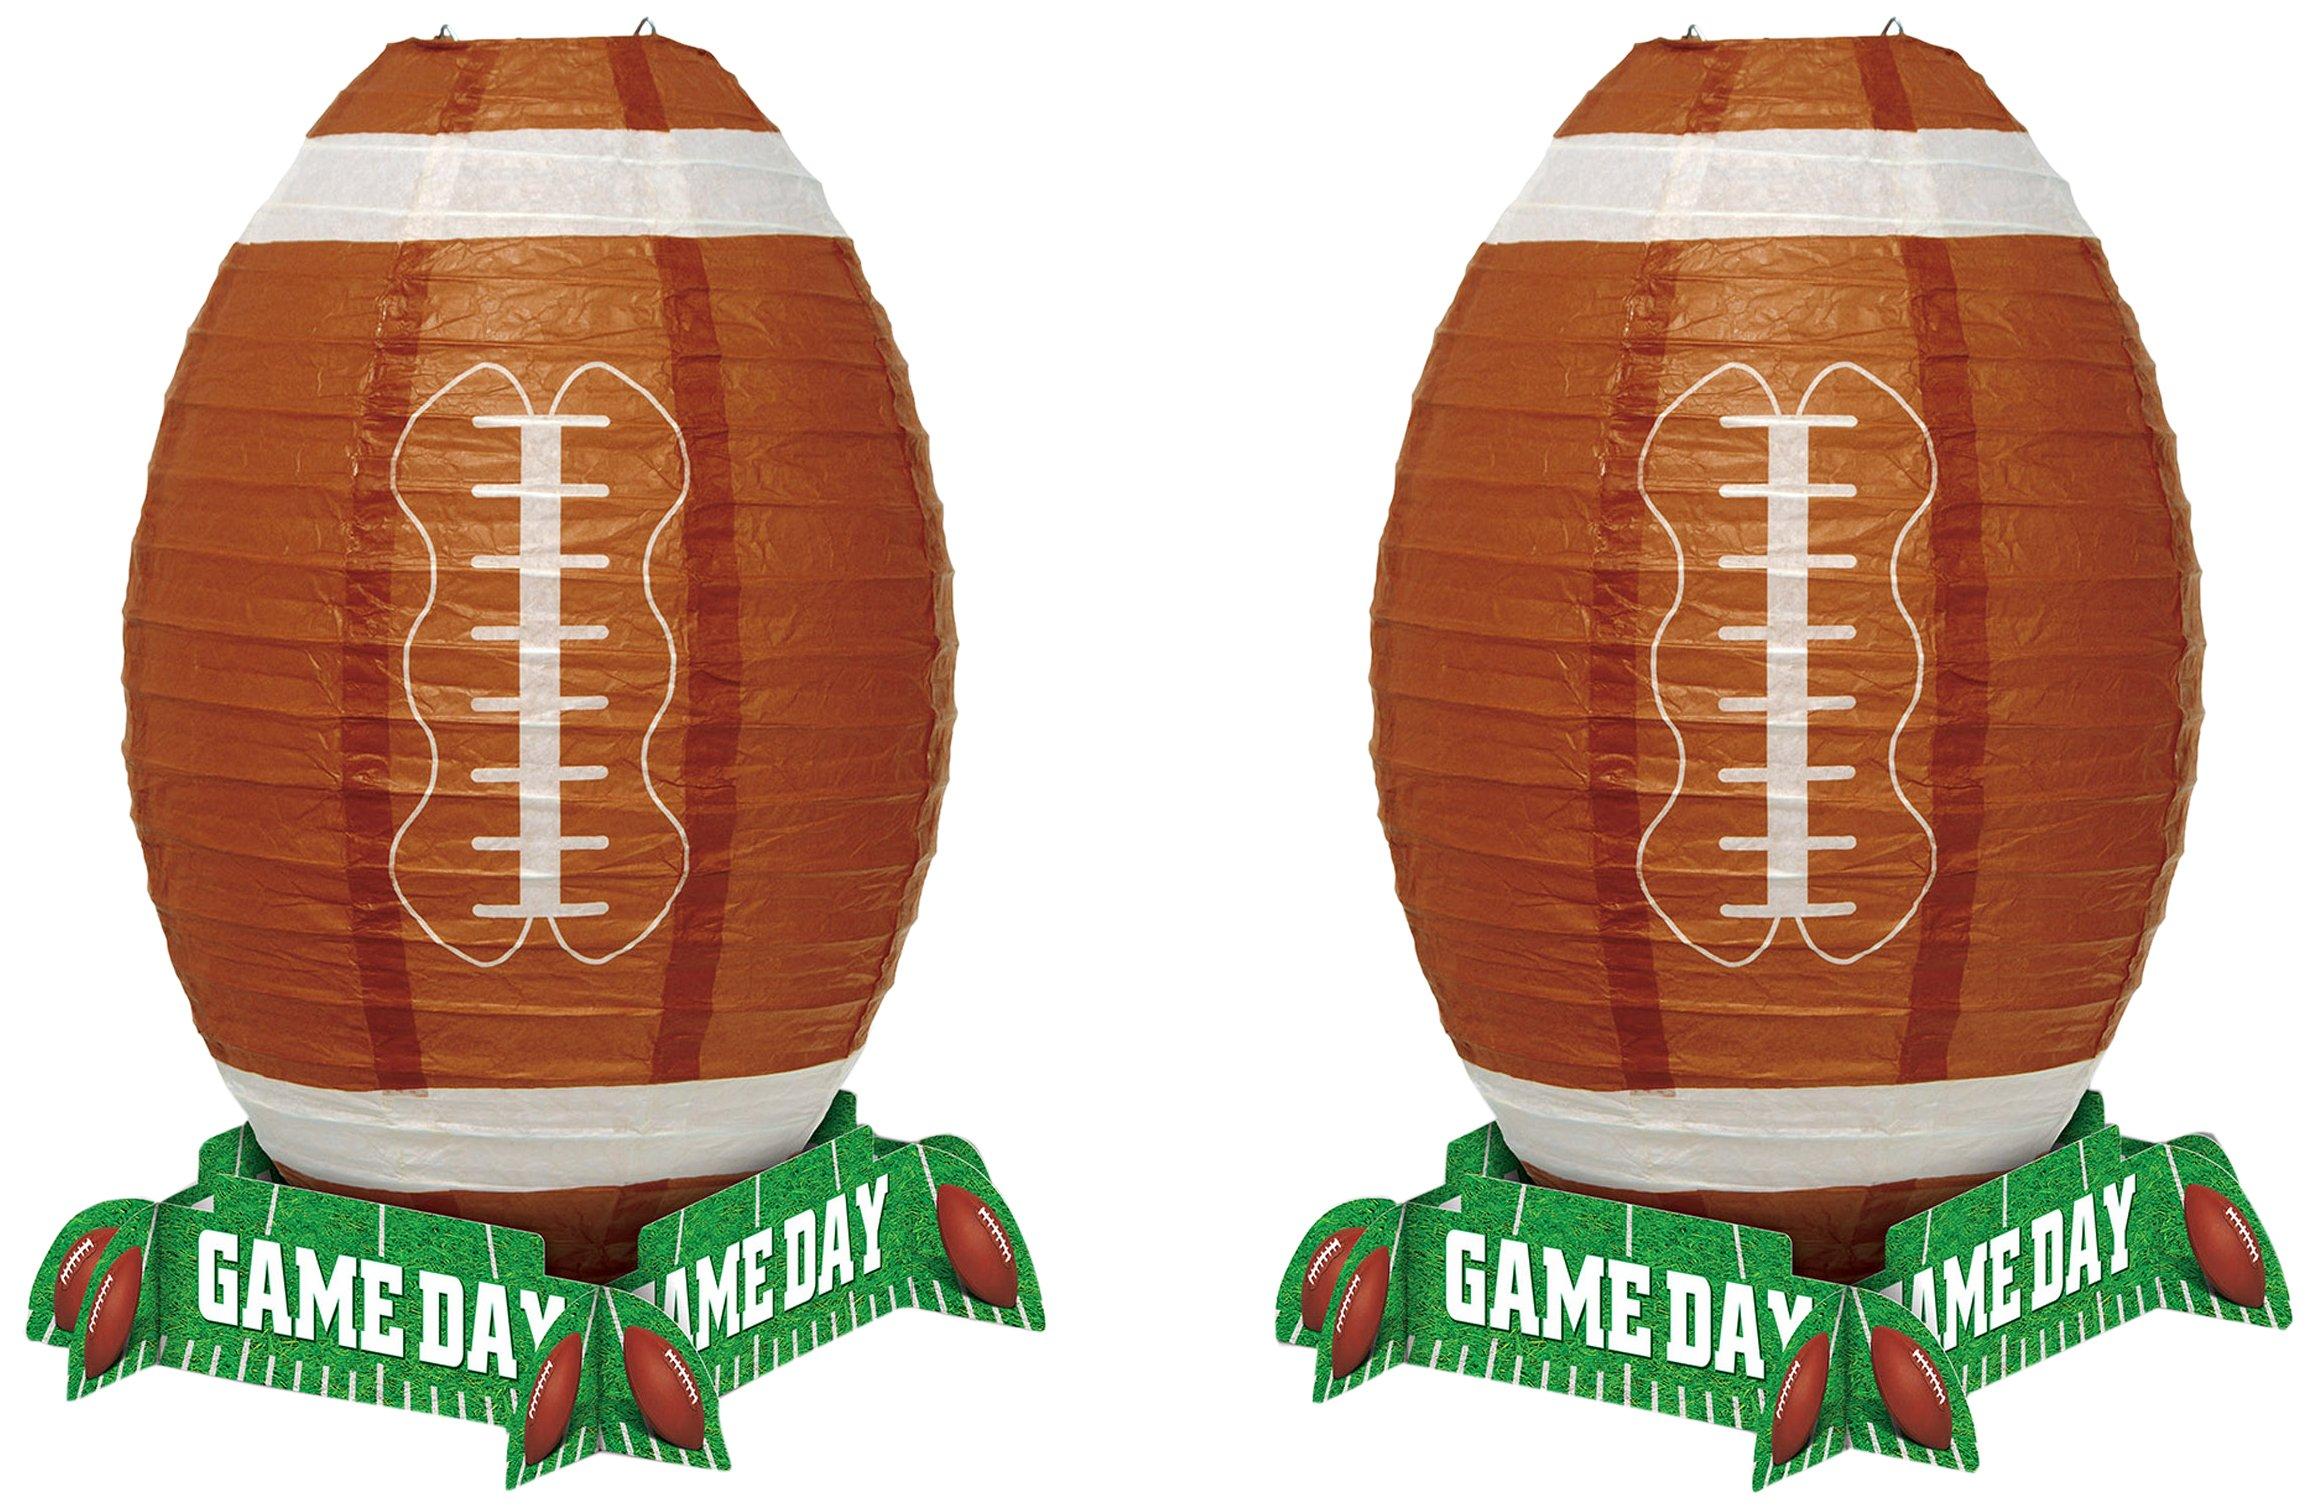 Beistle 59973, 2 Piece Game Day Football Lantern Centerpiece, 11'' (Green/White/Brown)